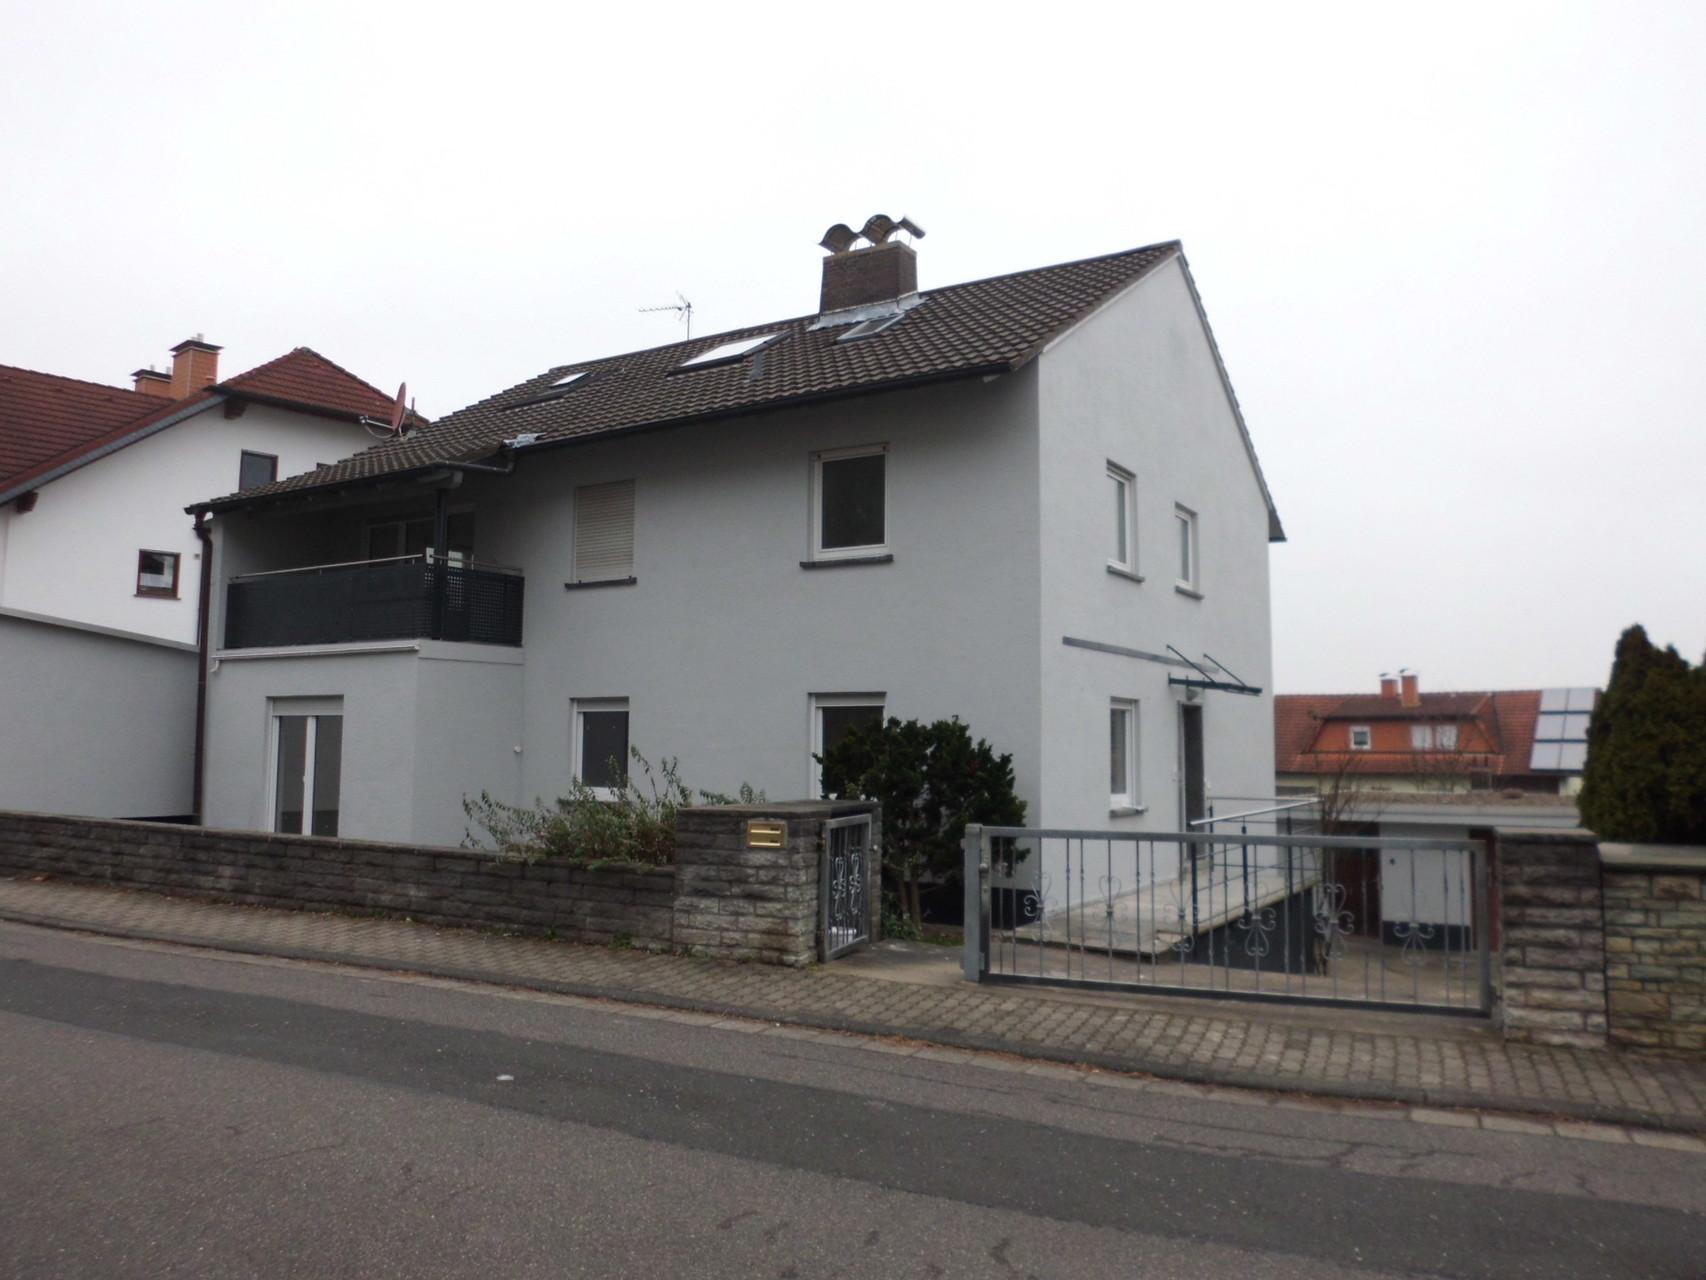 ETW in Sulzbach/Main